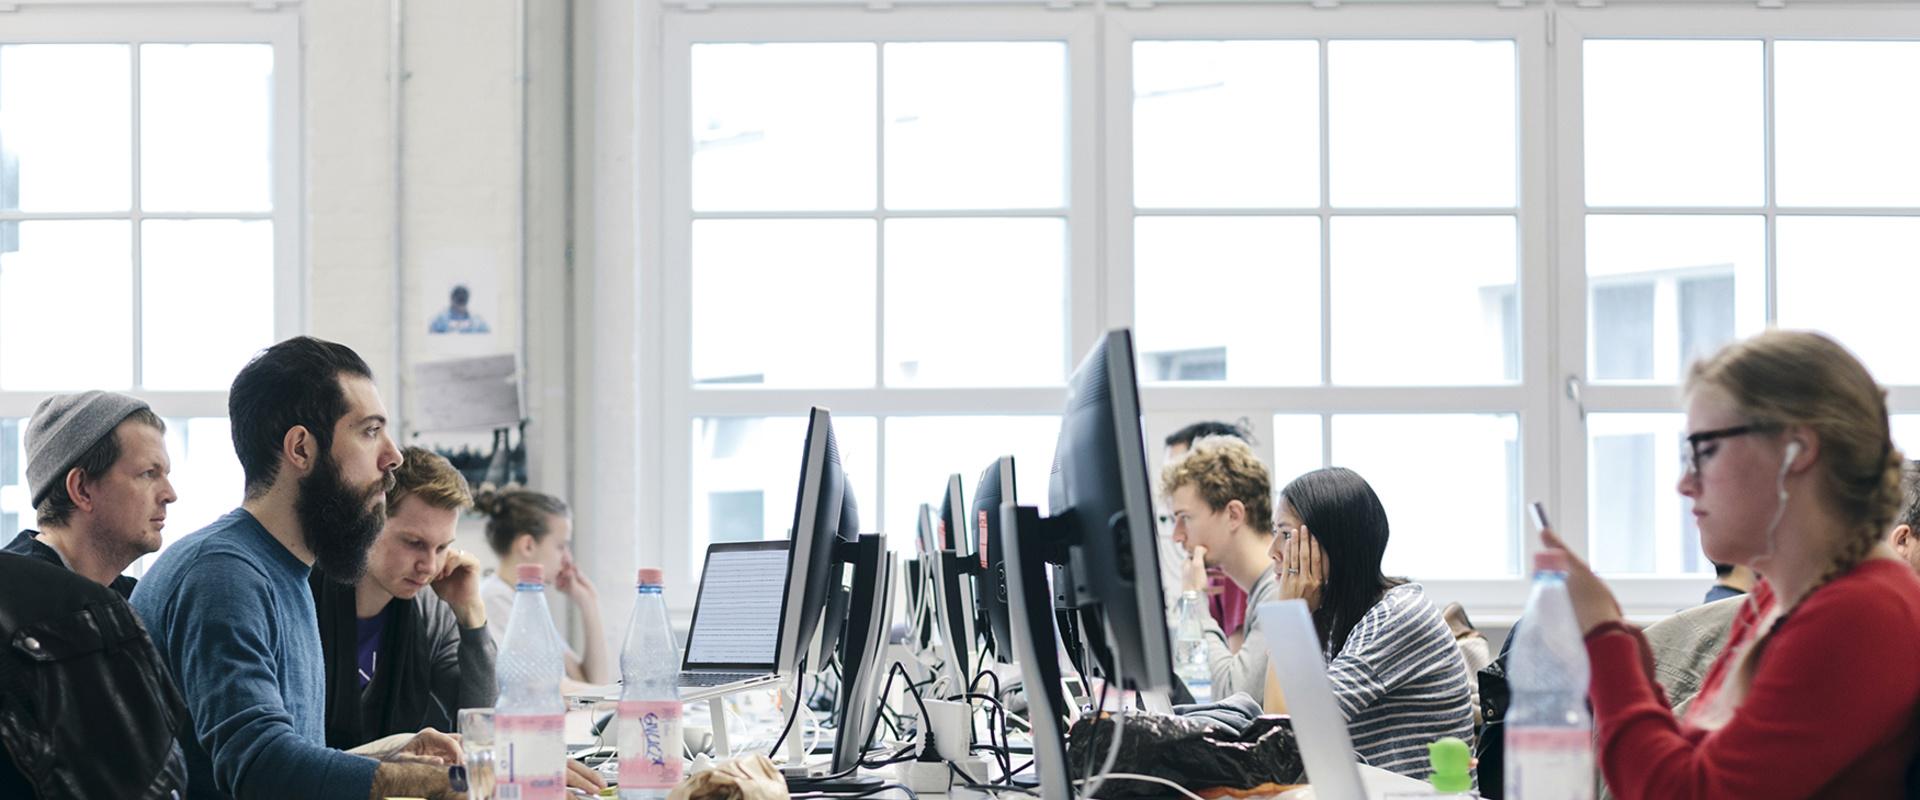 Будущие «единороги»: 25 самых перспективных стартапов по версии Forbes